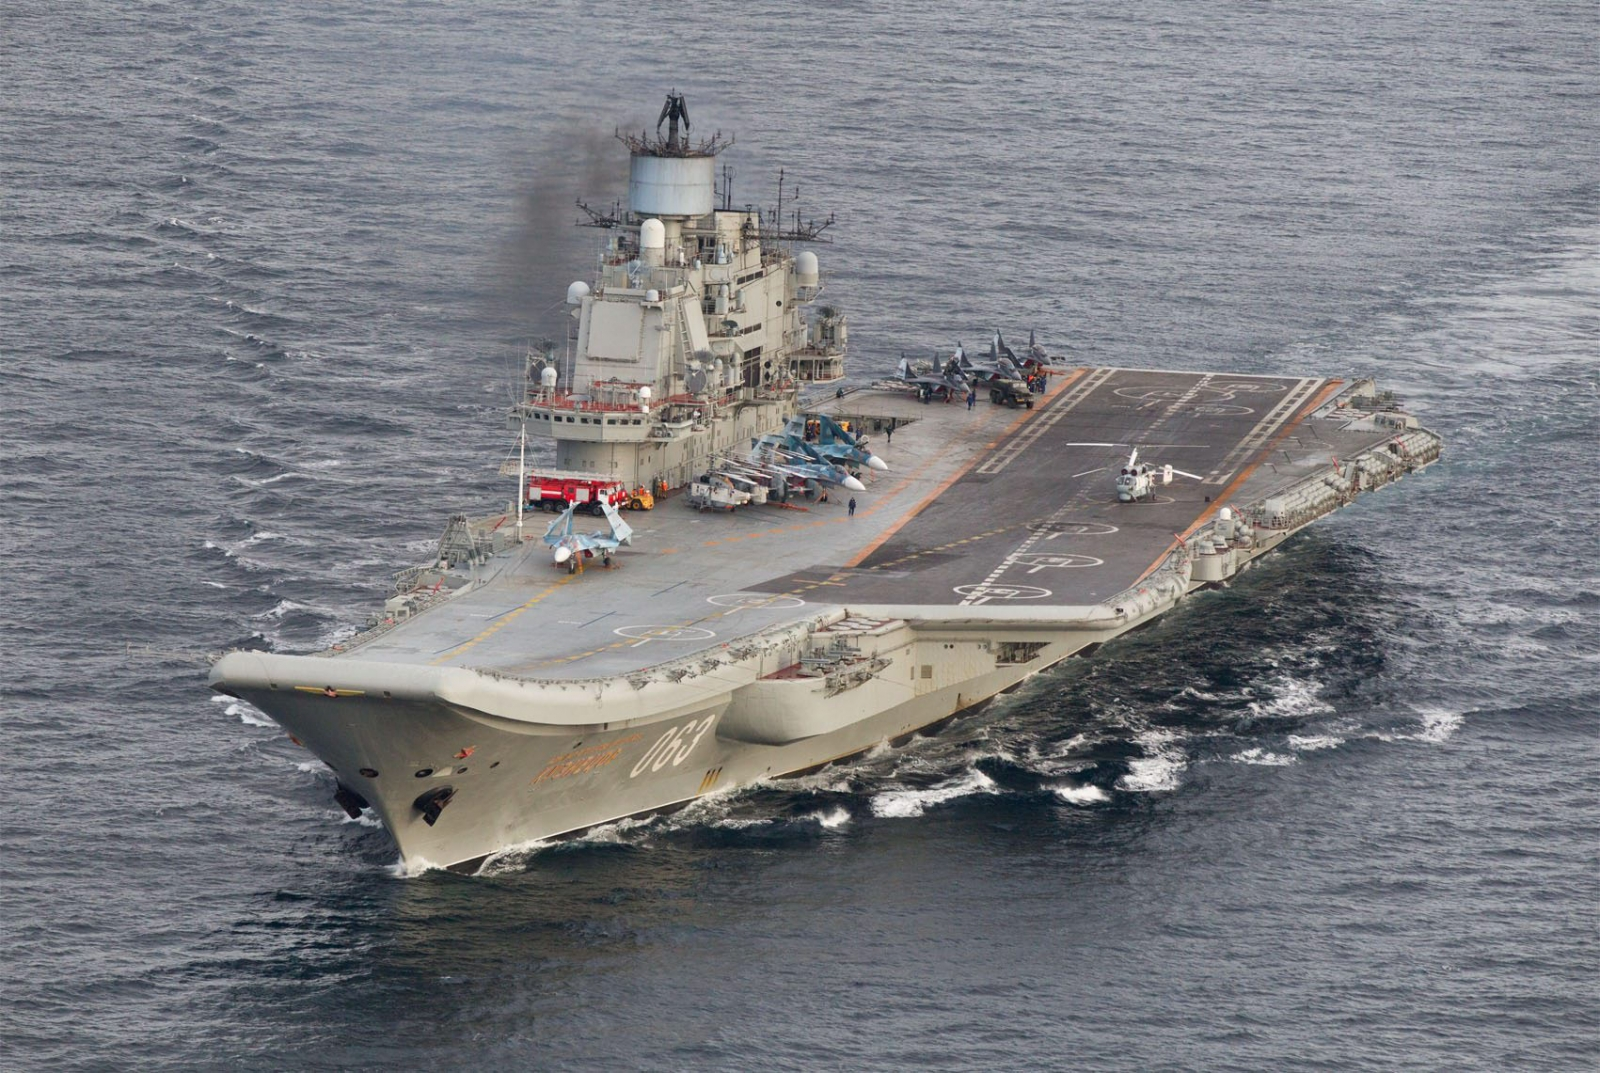 A photo taken from a Norwegian surveillance aircraft shows Russian aircraft carrier Admiral Kuznetsov